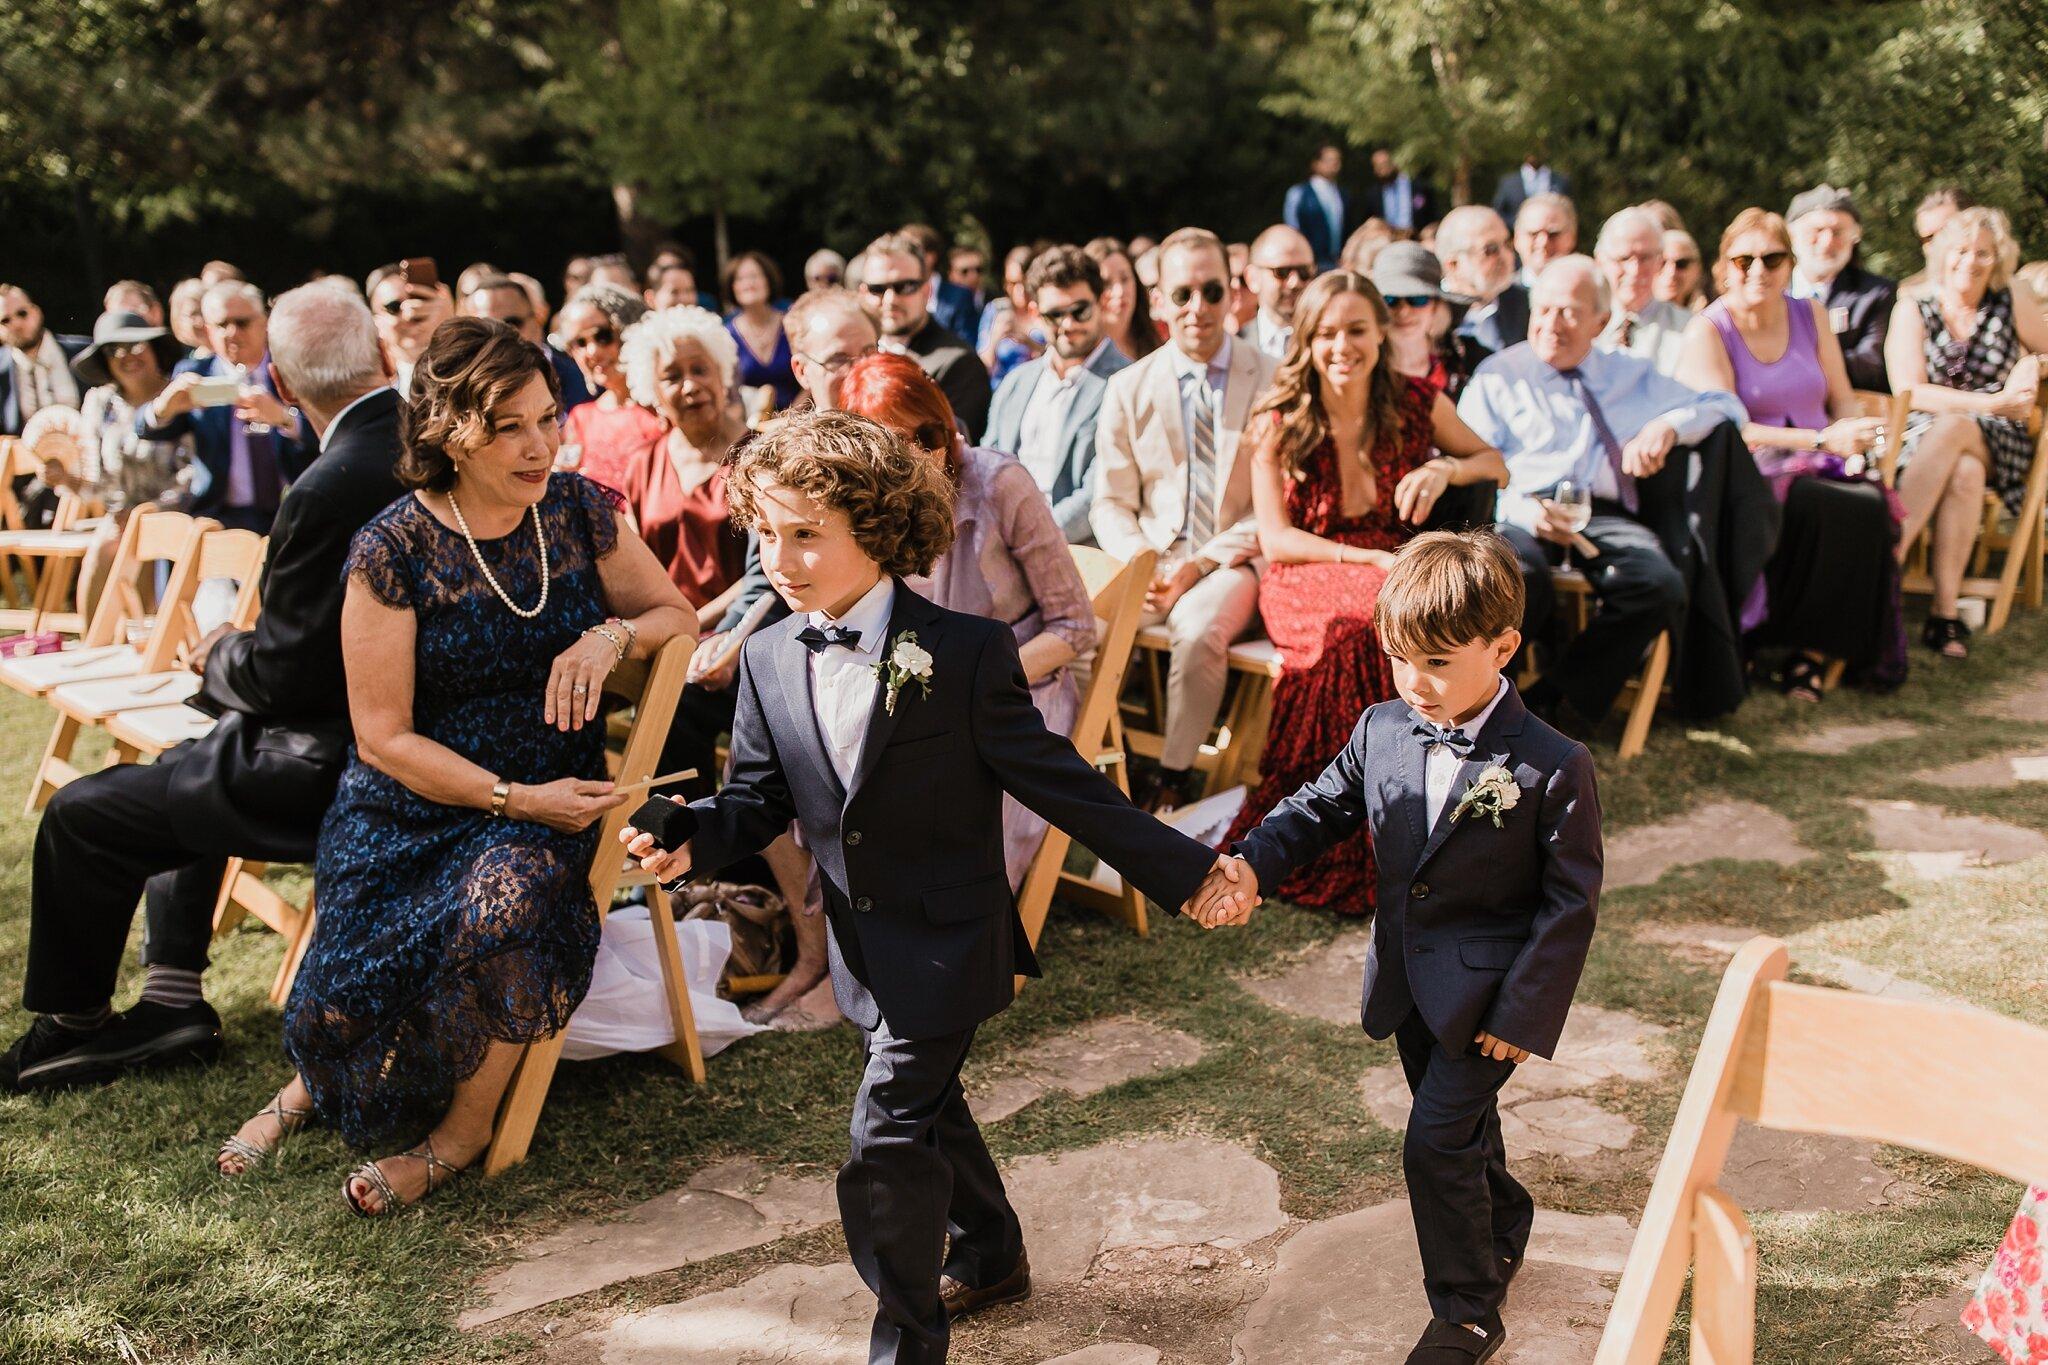 Alicia+lucia+photography+-+albuquerque+wedding+photographer+-+santa+fe+wedding+photography+-+new+mexico+wedding+photographer+-+new+mexico+wedding+-+wedding+-+albuquerque+wedding+-+los+poblanos+-+los+poblanos+wedding+-+fall+wedding_0050.jpg